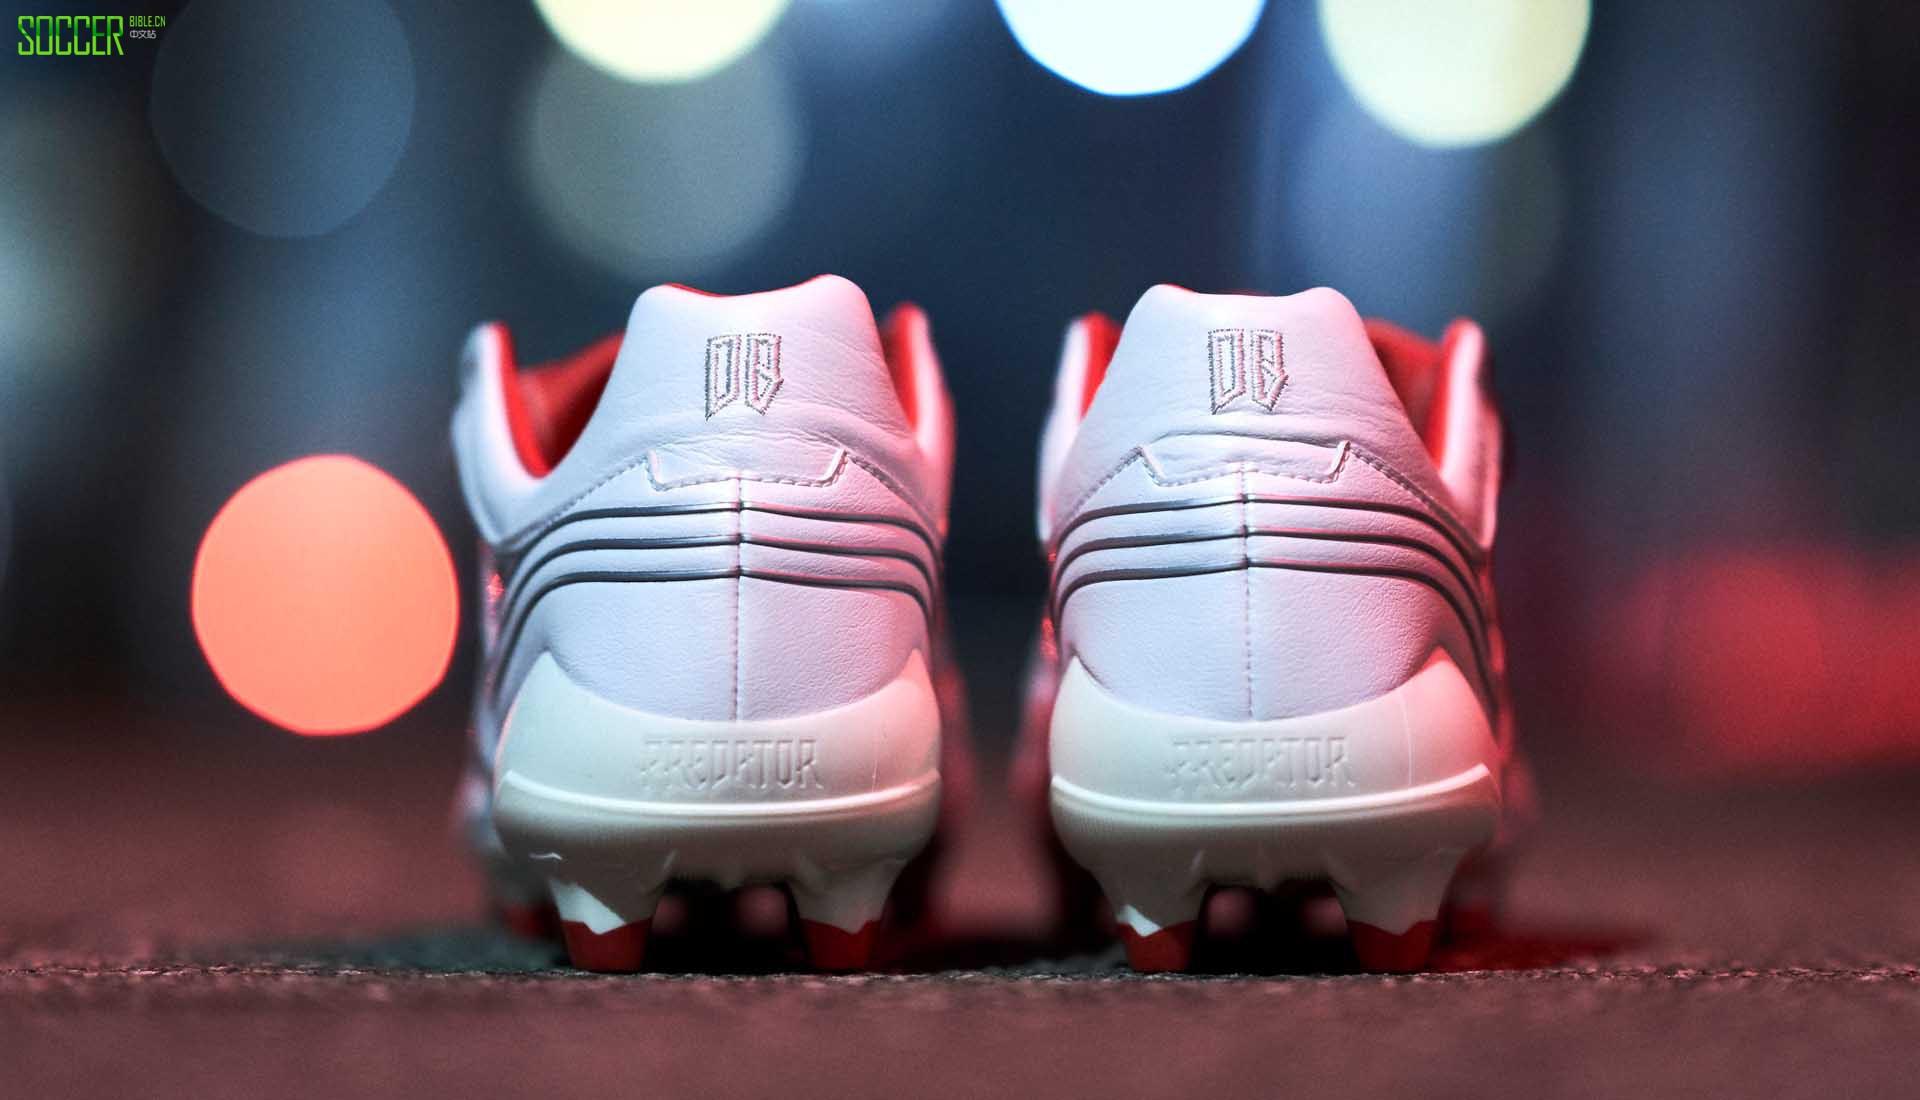 近距离观察阿迪达斯猎鹰25周年Beckham Precision版本足球鞋